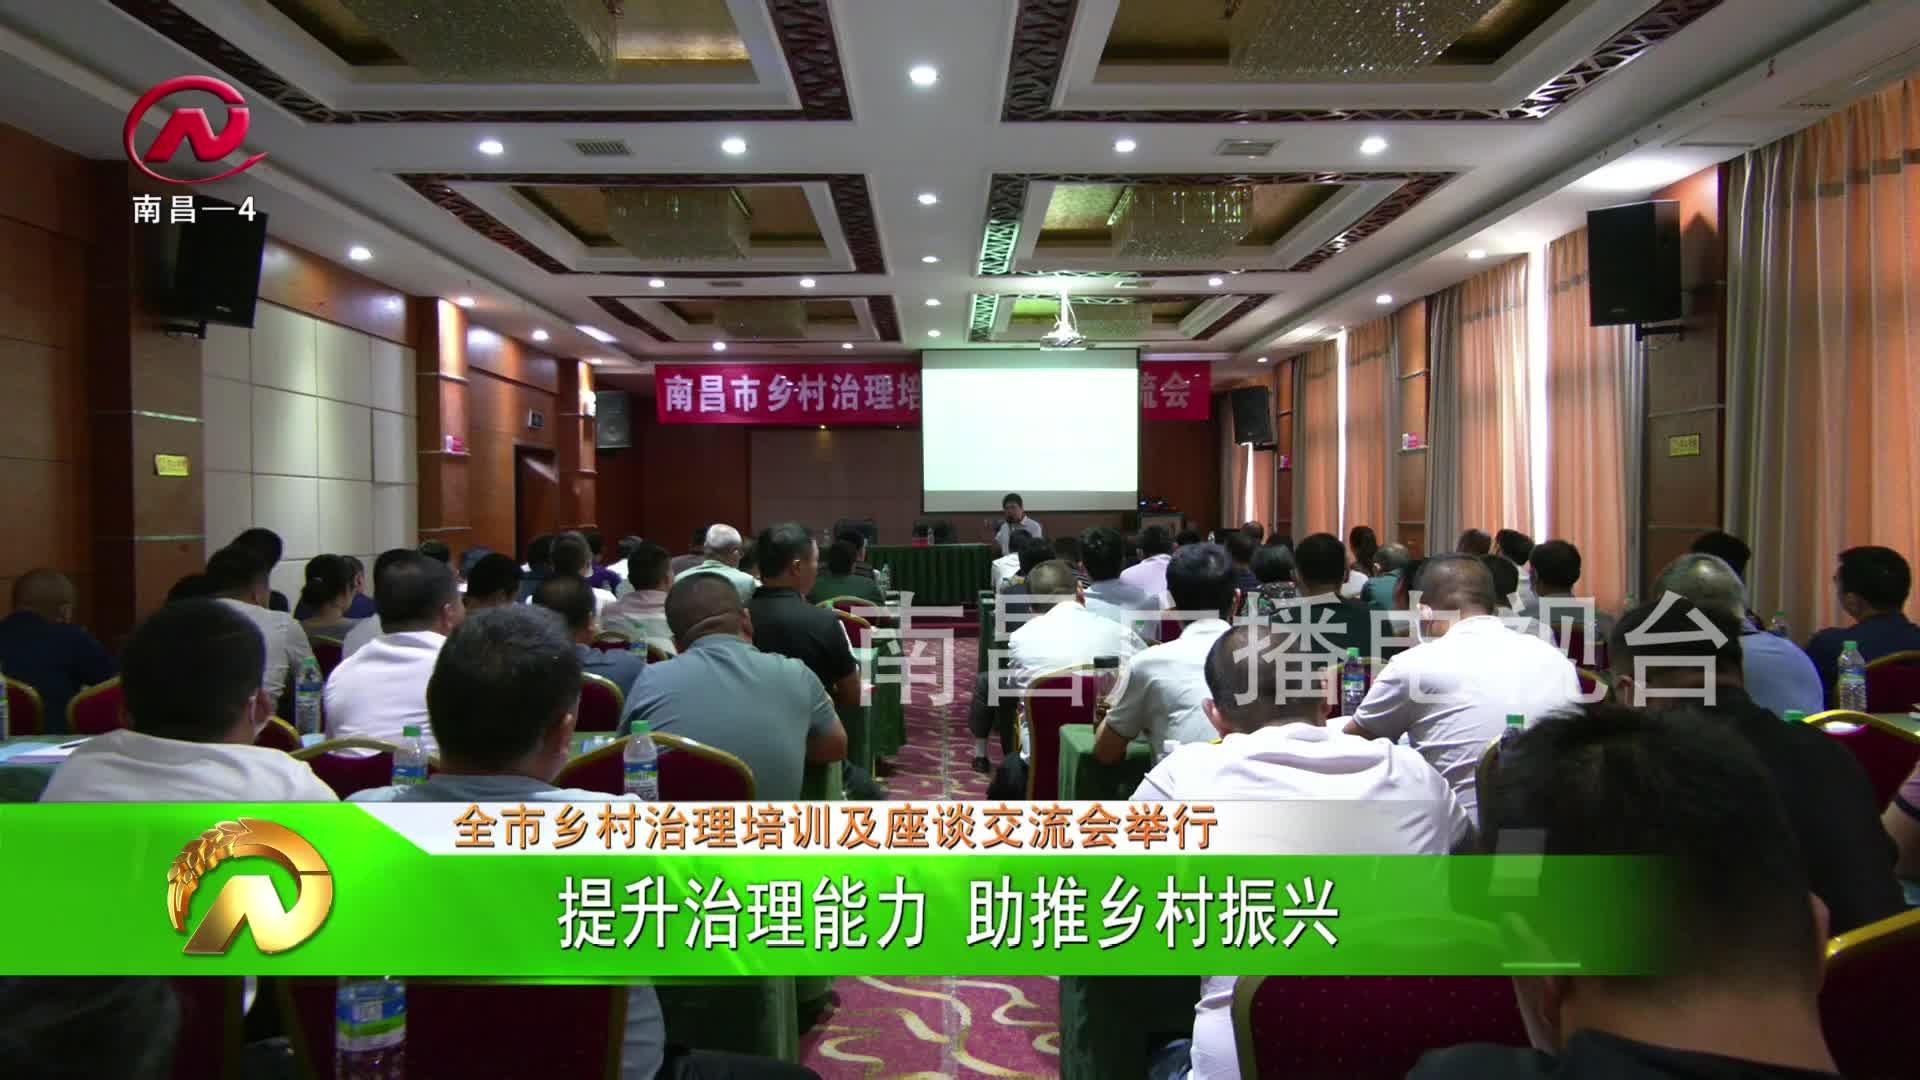 【豫章农视】提升治理能力  助推乡村振兴